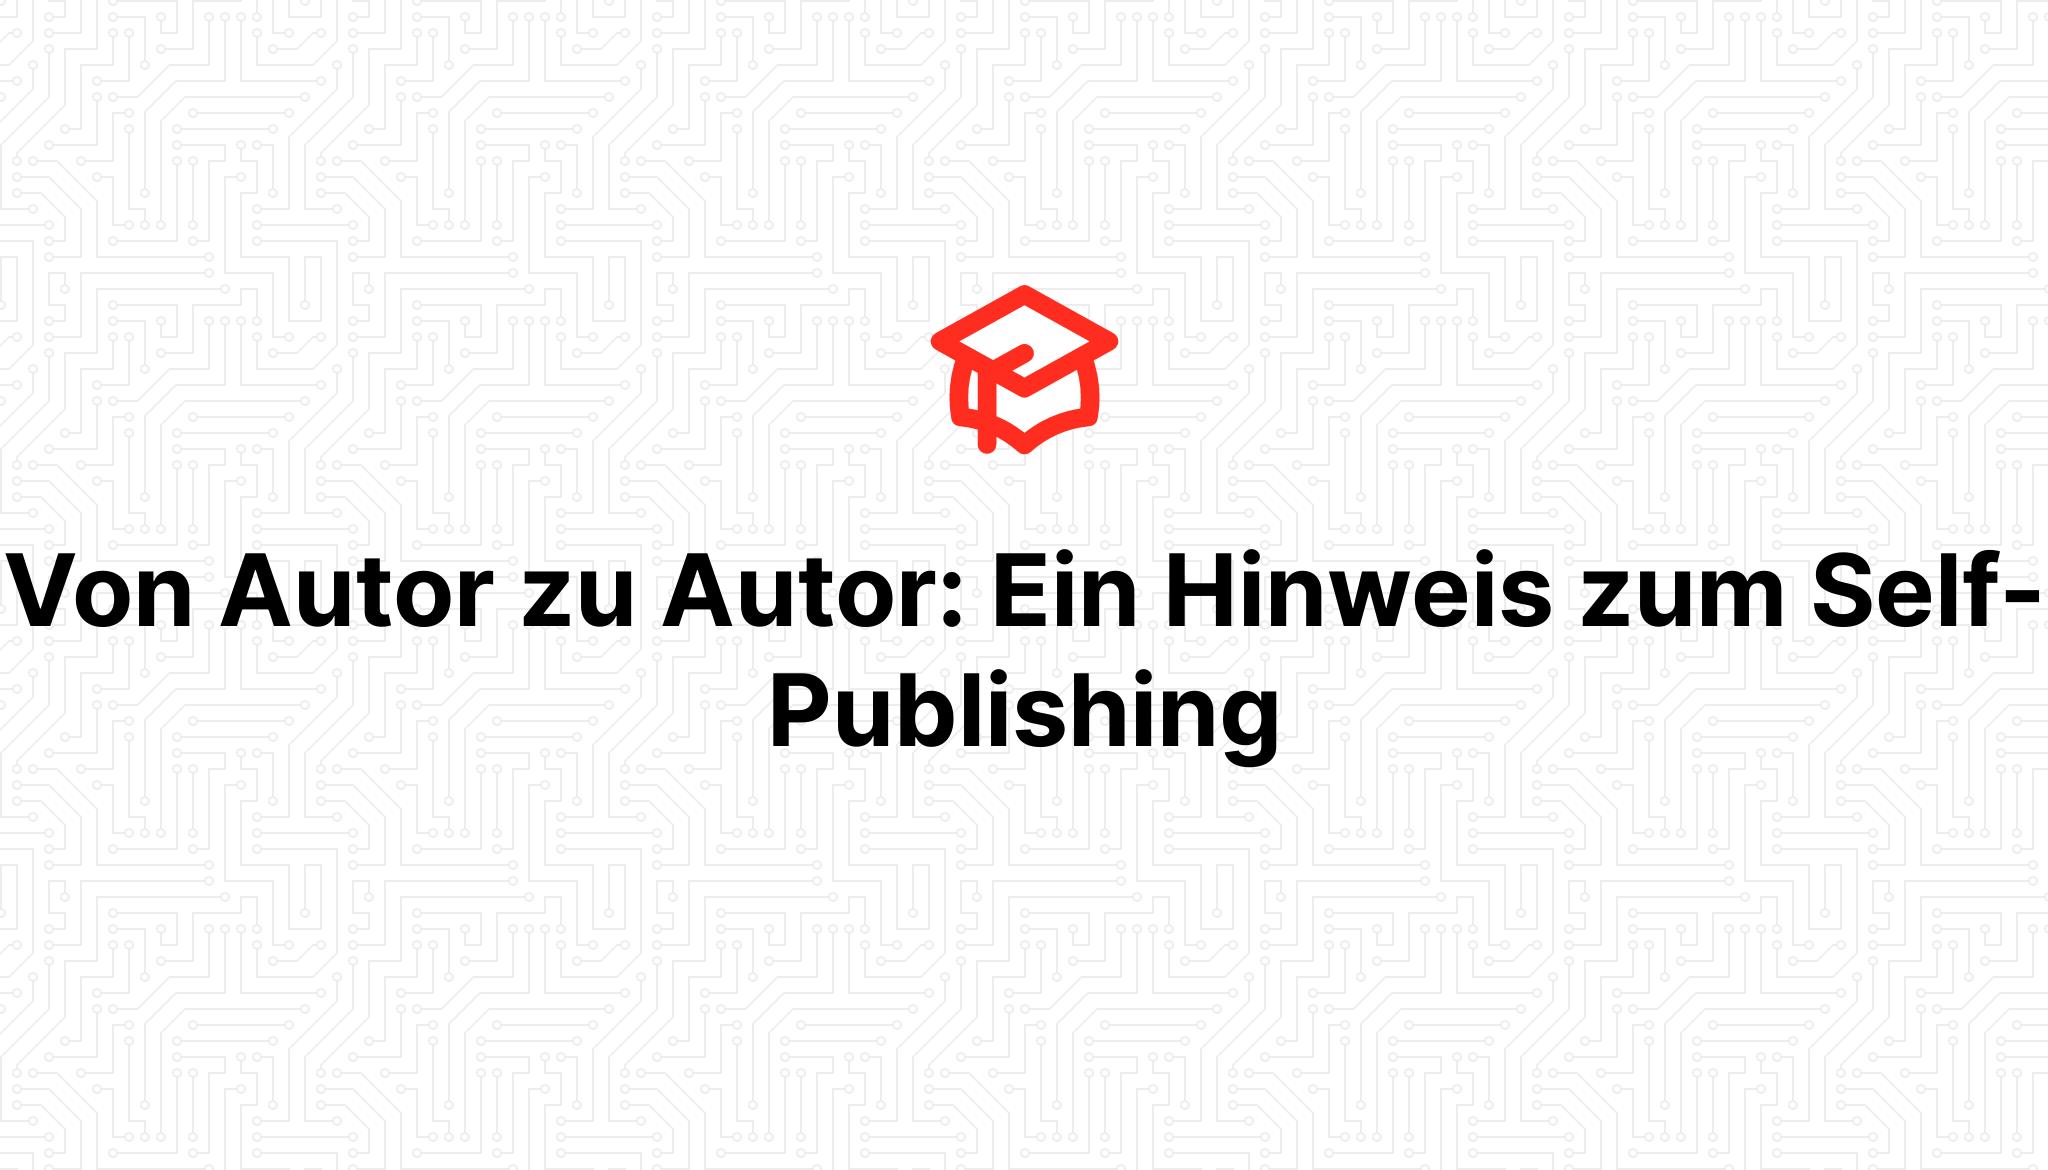 Von Autor zu Autor: Ein Hinweis zum Self-Publishing